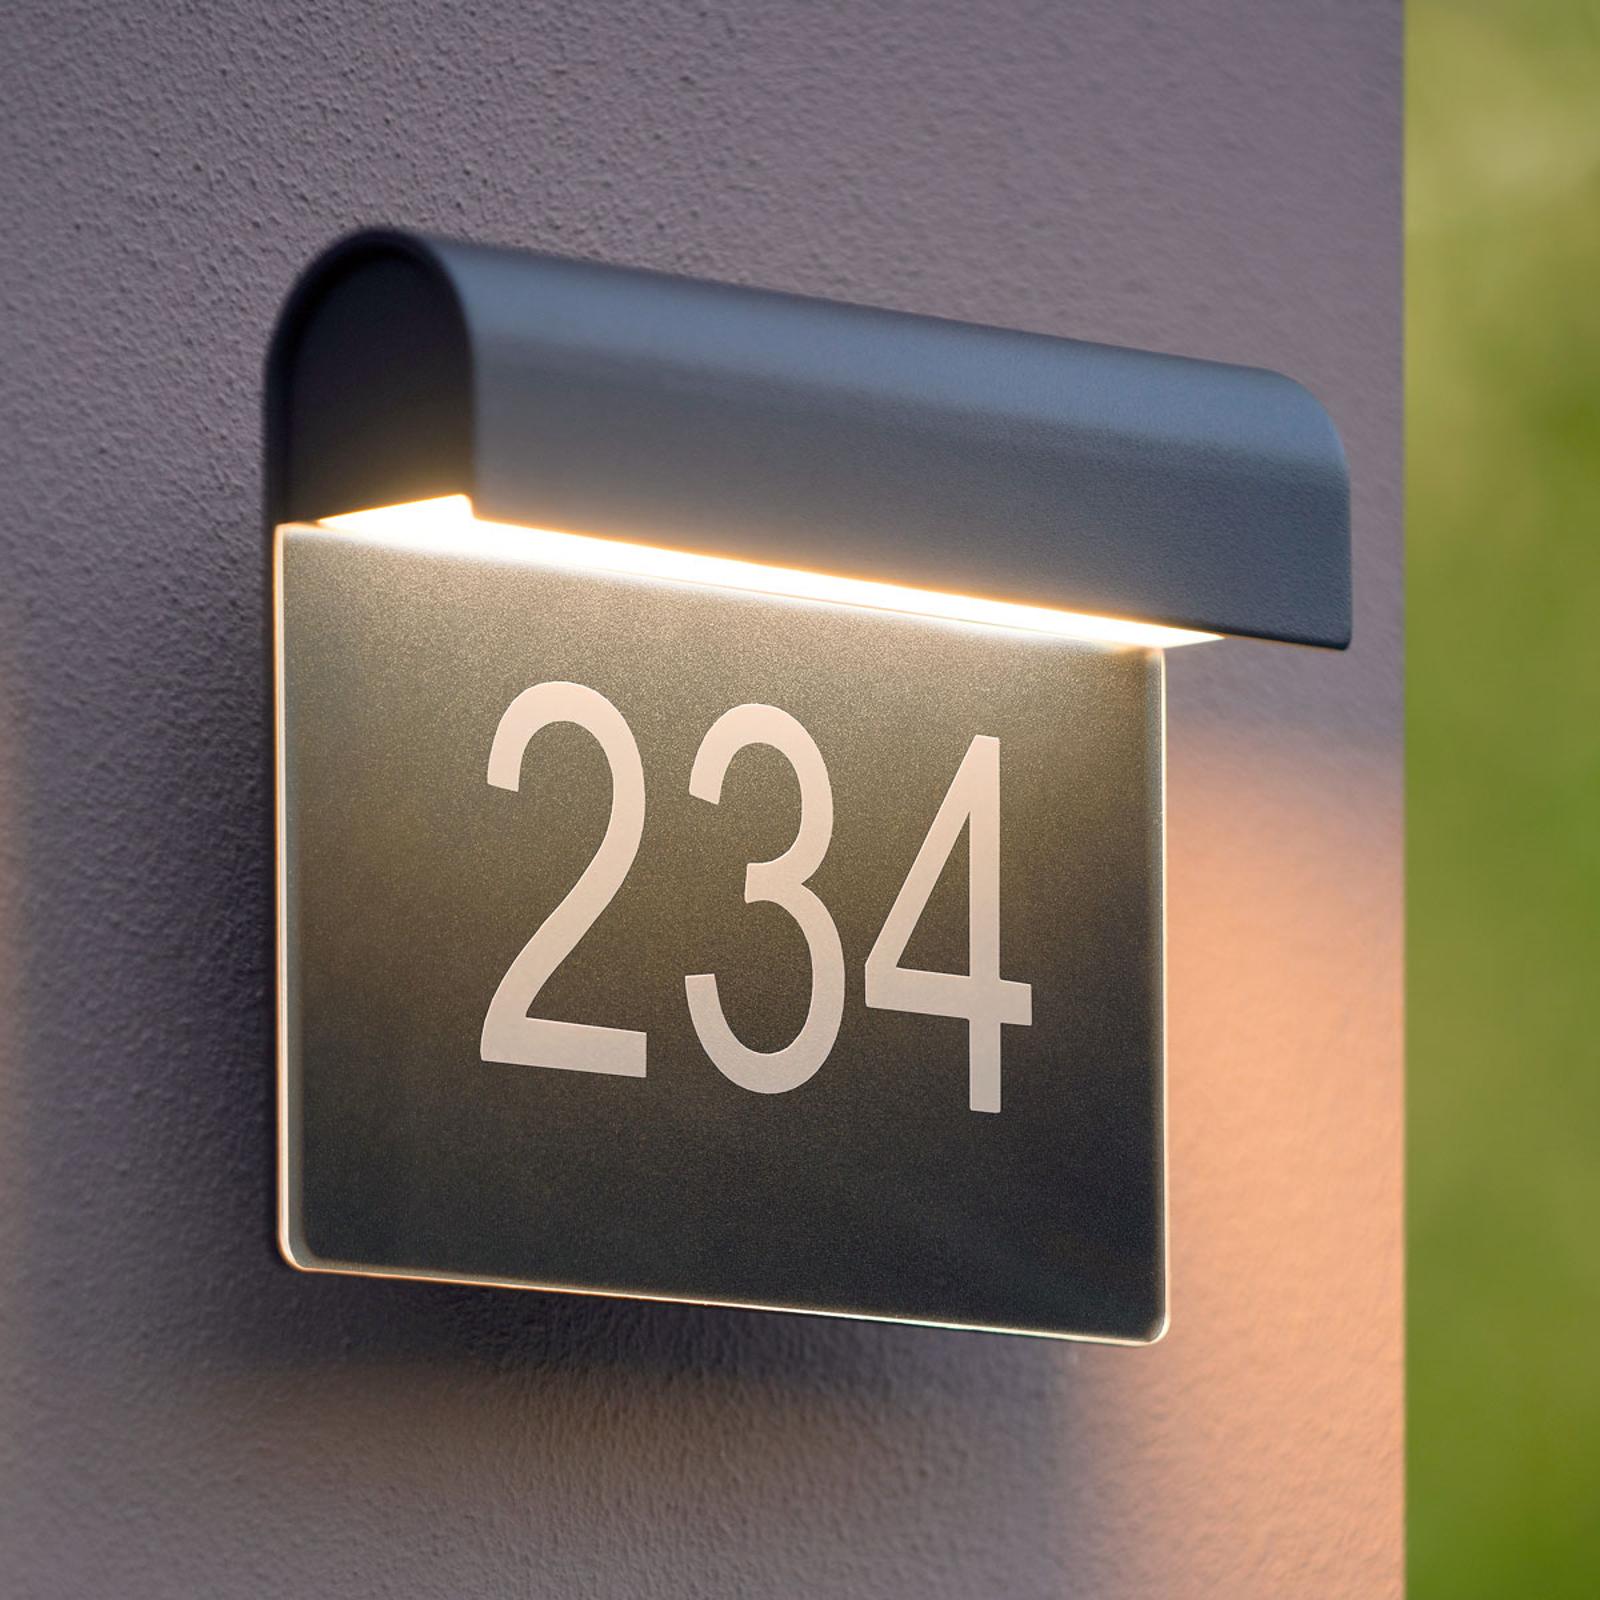 Applique pour numéro de porte LED Thesi, noire